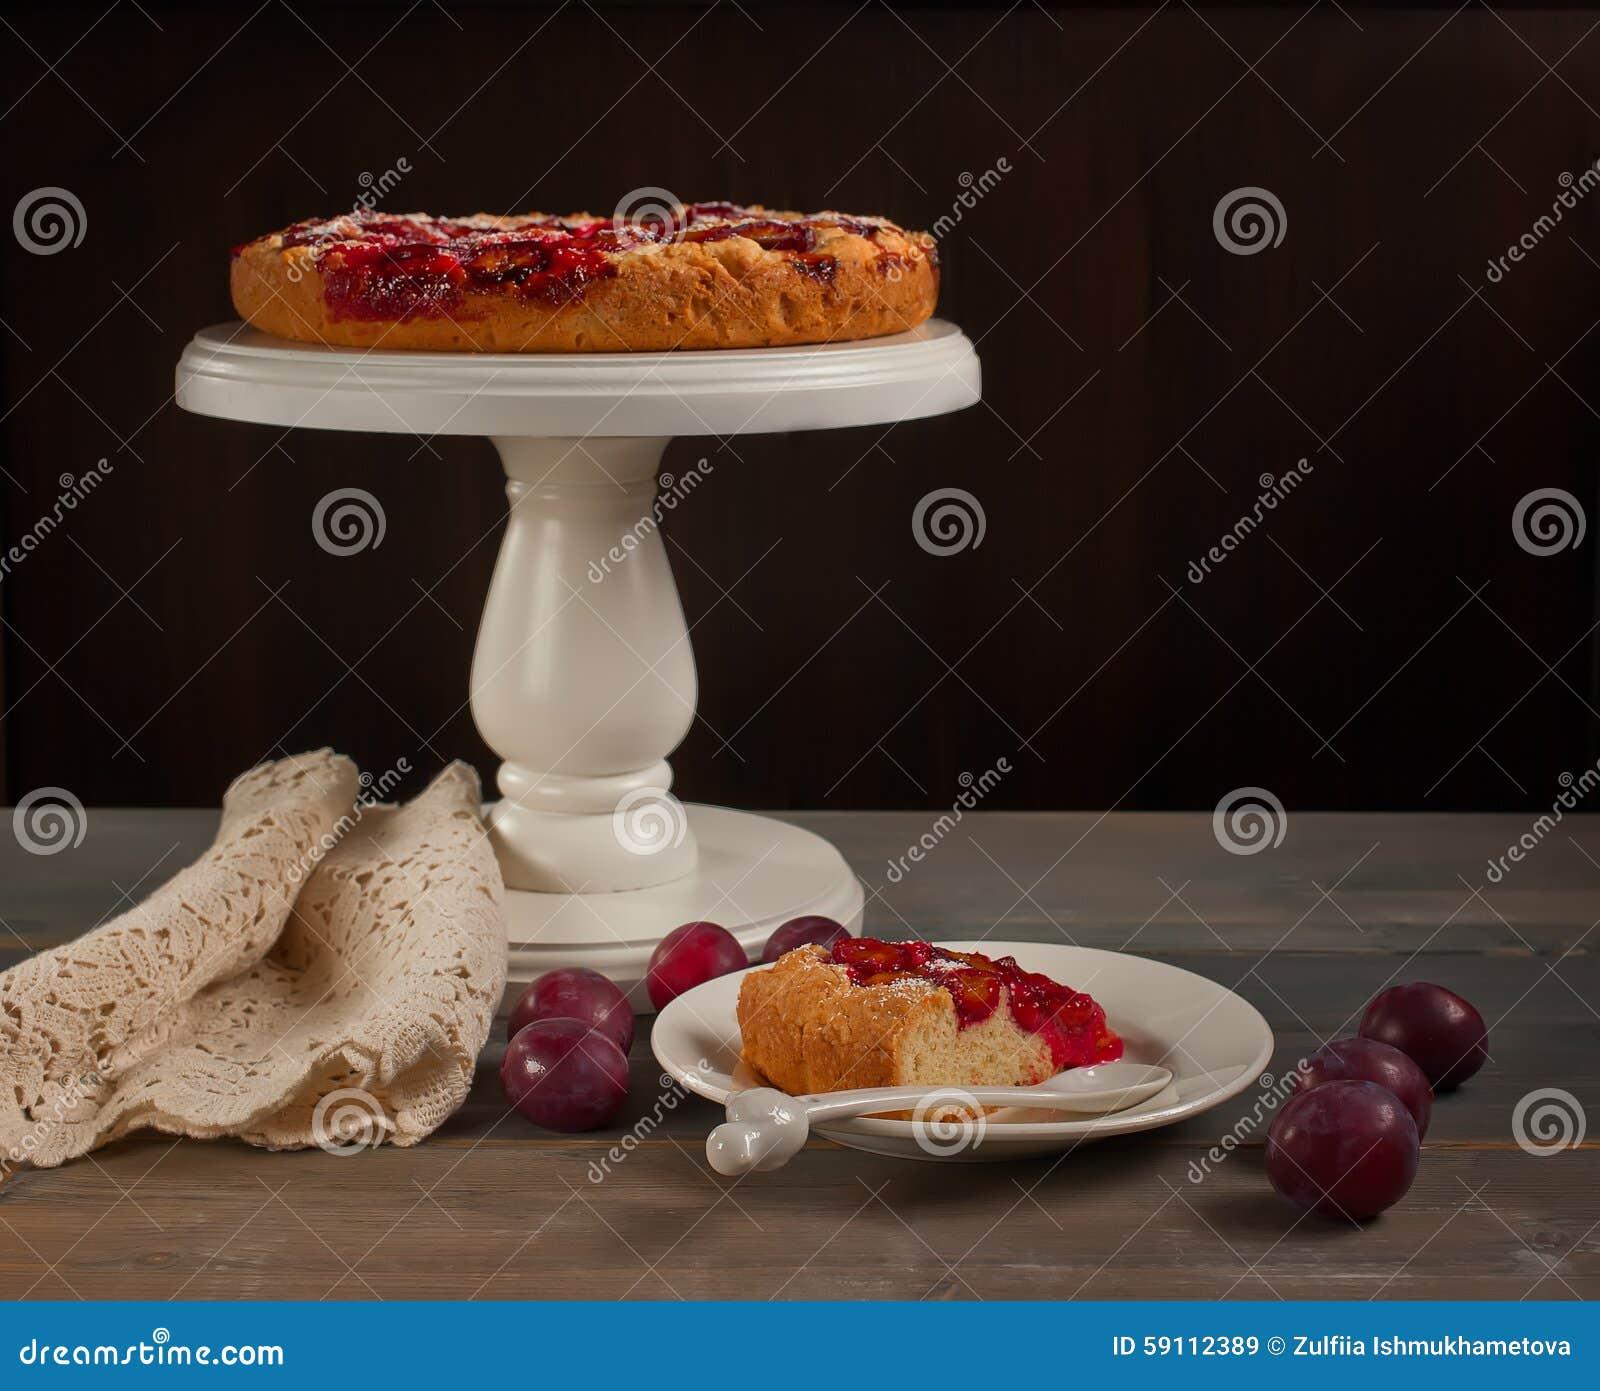 蛋糕用有机李子